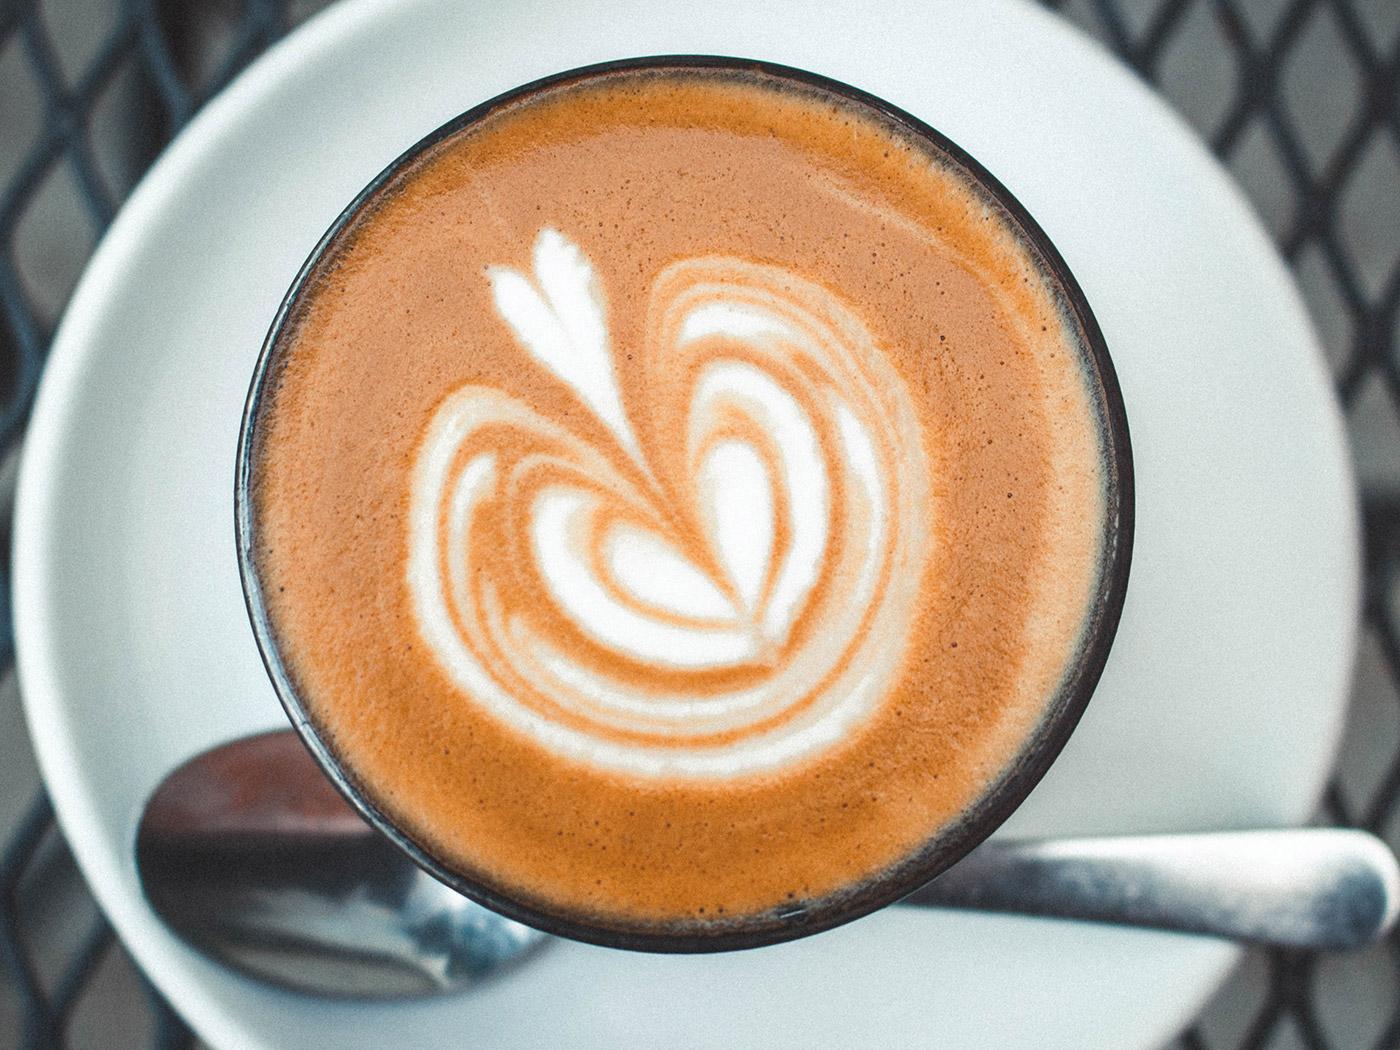 koffie-kopje